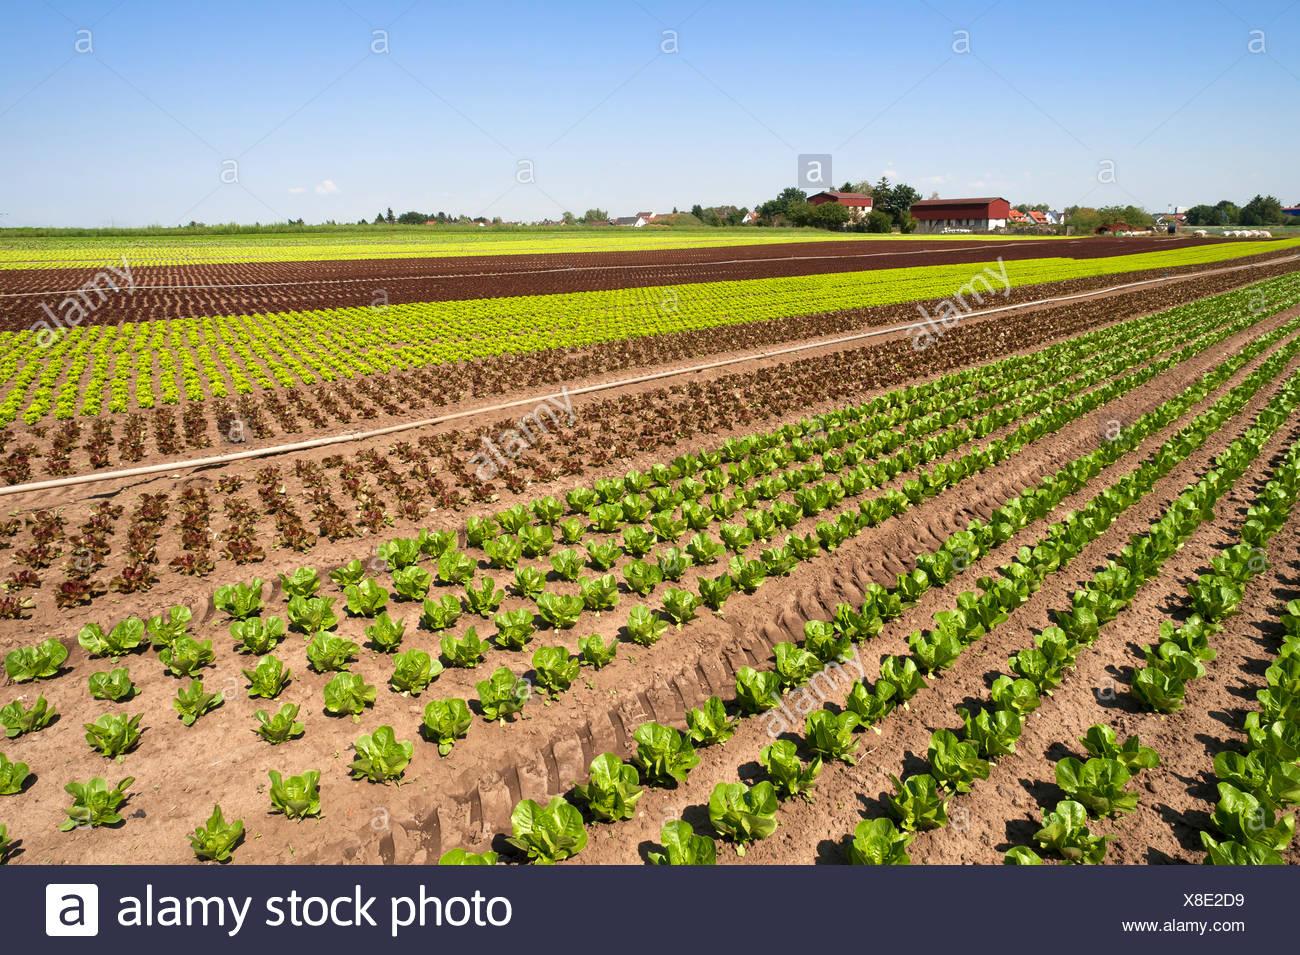 """Salat, Anbau in """"Knoblauch""""Land, Gemüseanbau, Bereich in Höfles in der Nähe von Nürnberg, Middle Franconia, Bayern, Deutschland Stockbild"""